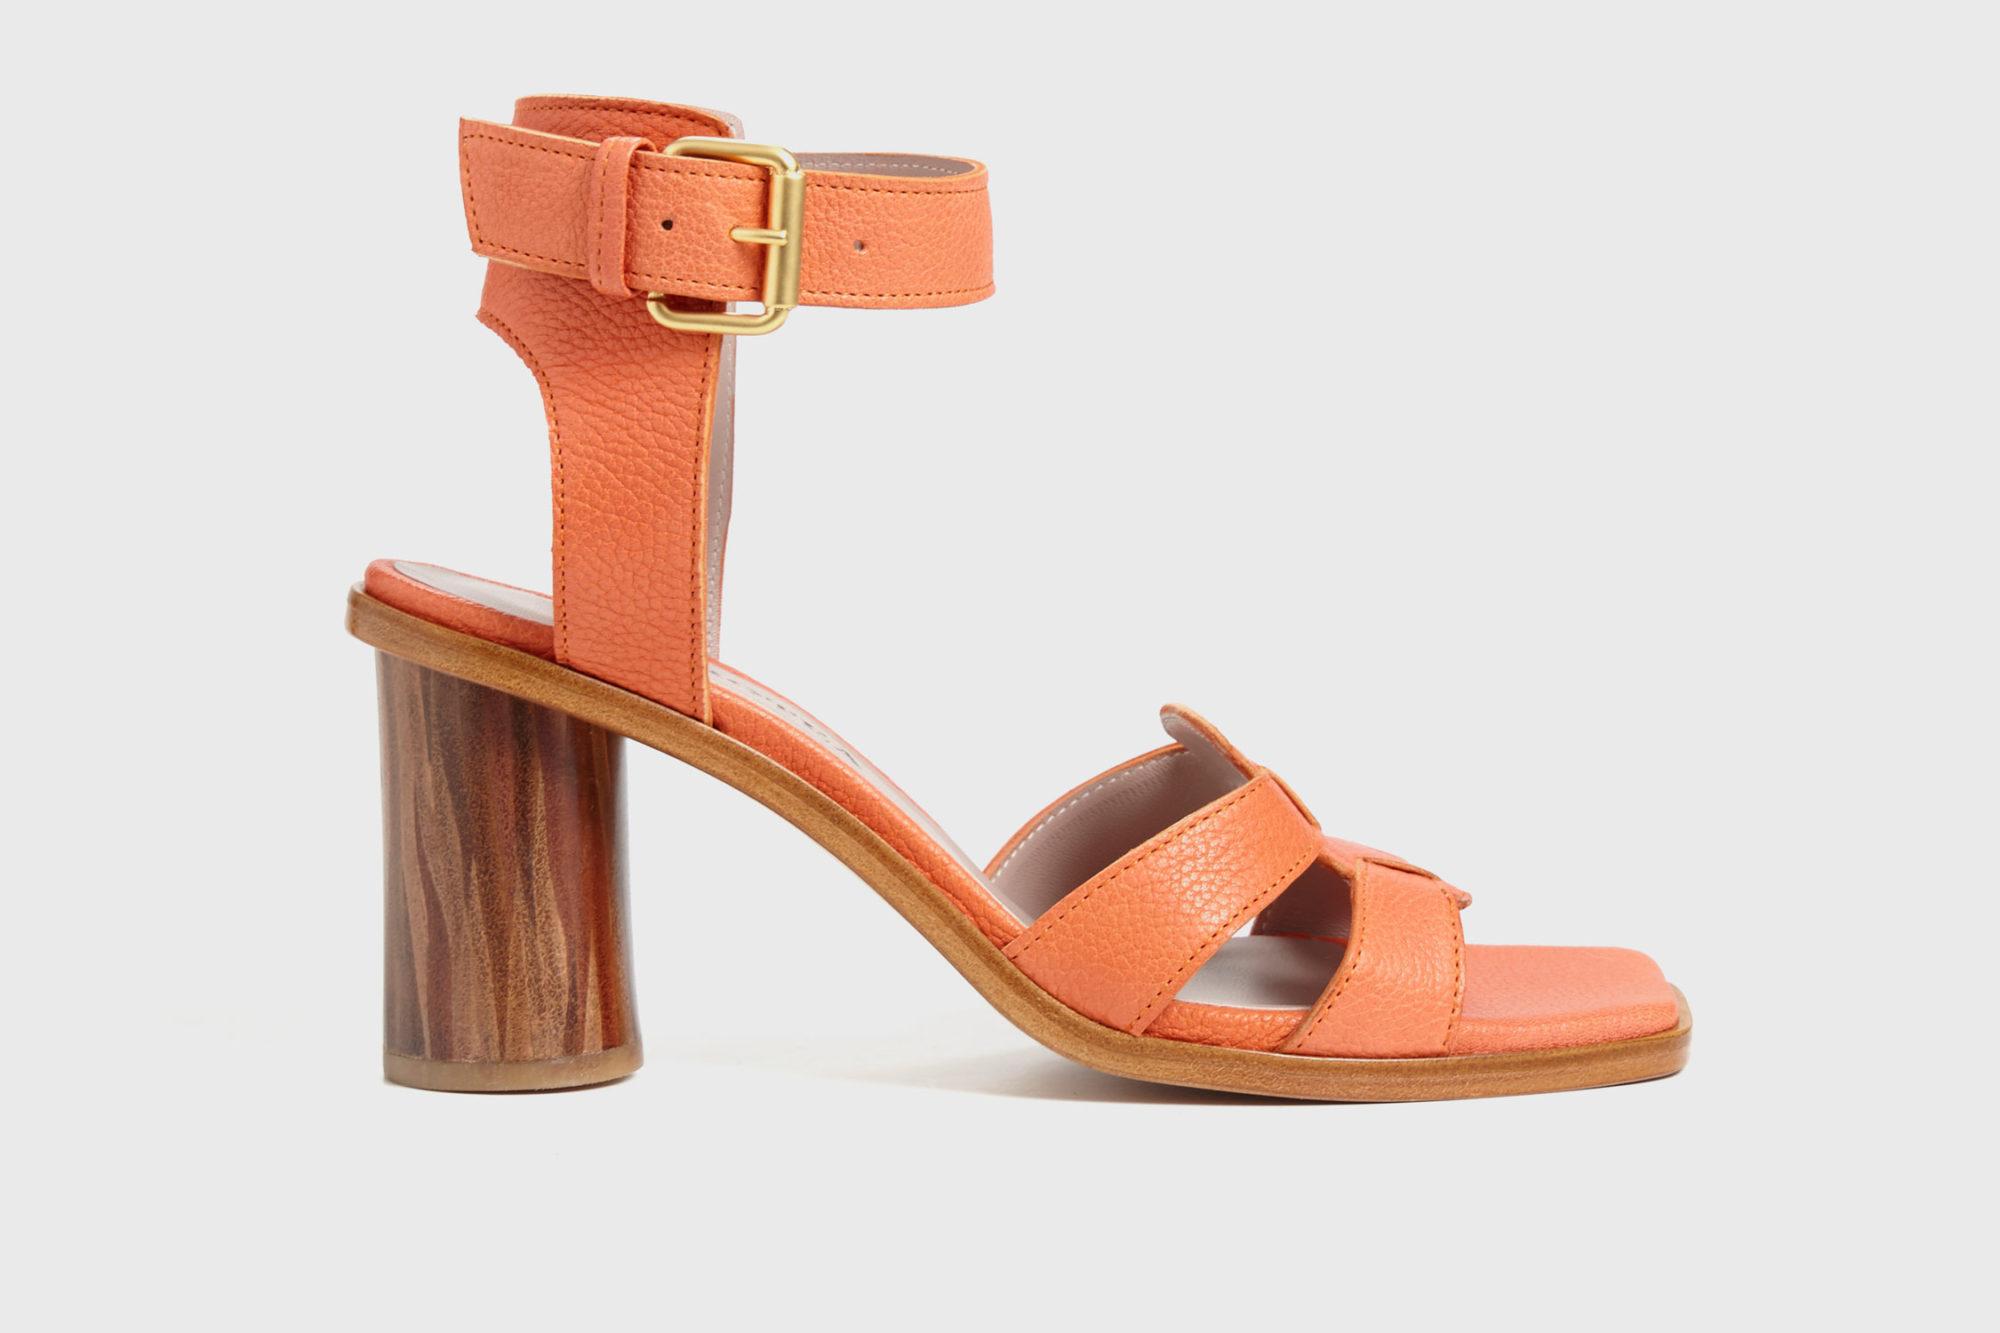 Dorotea sandalia de tacón alto citrus ss18 perfil